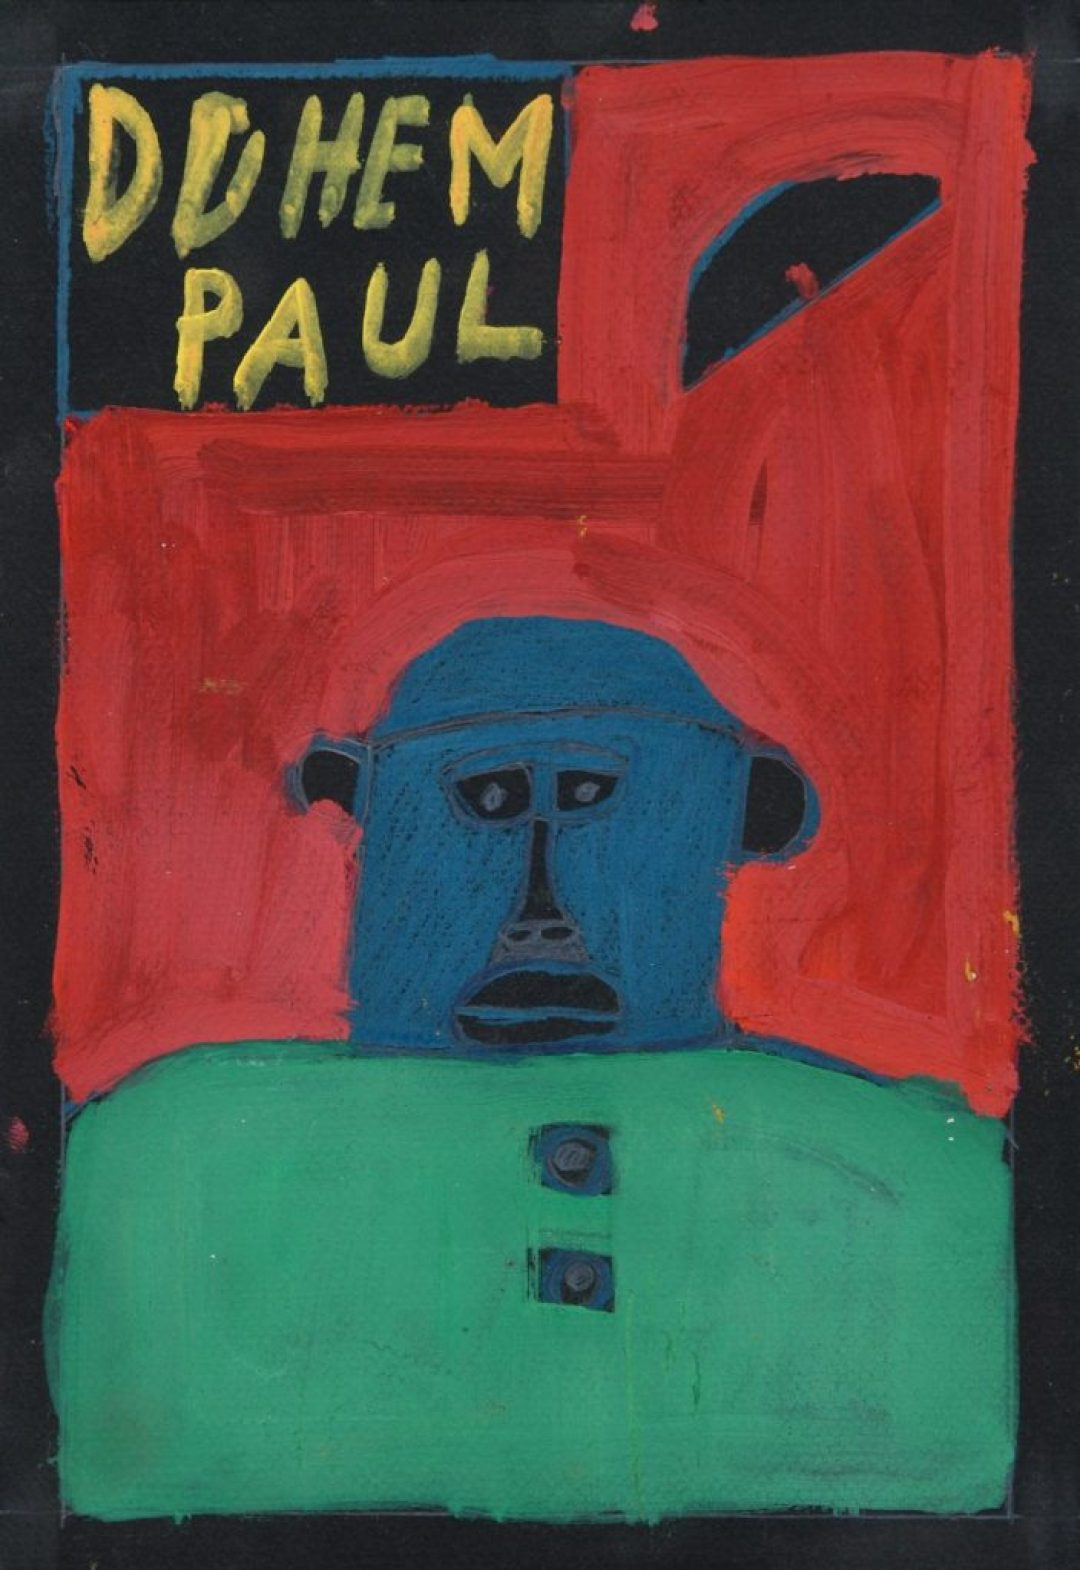 Paul Duhem, sans titre, 1996, pastel gras et peinture à l'huile sur papier, 36,5 x 26,5 cm